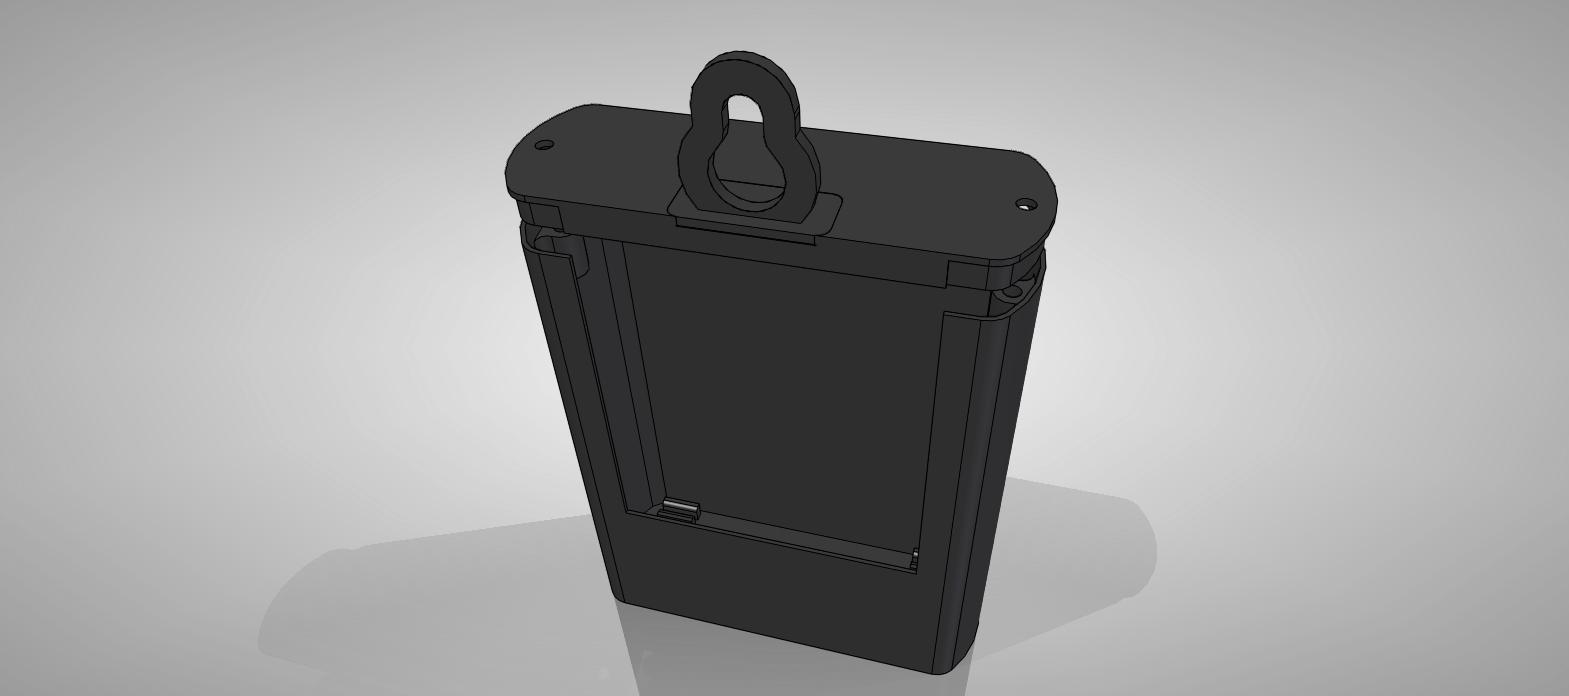 QR code casing4.jpg